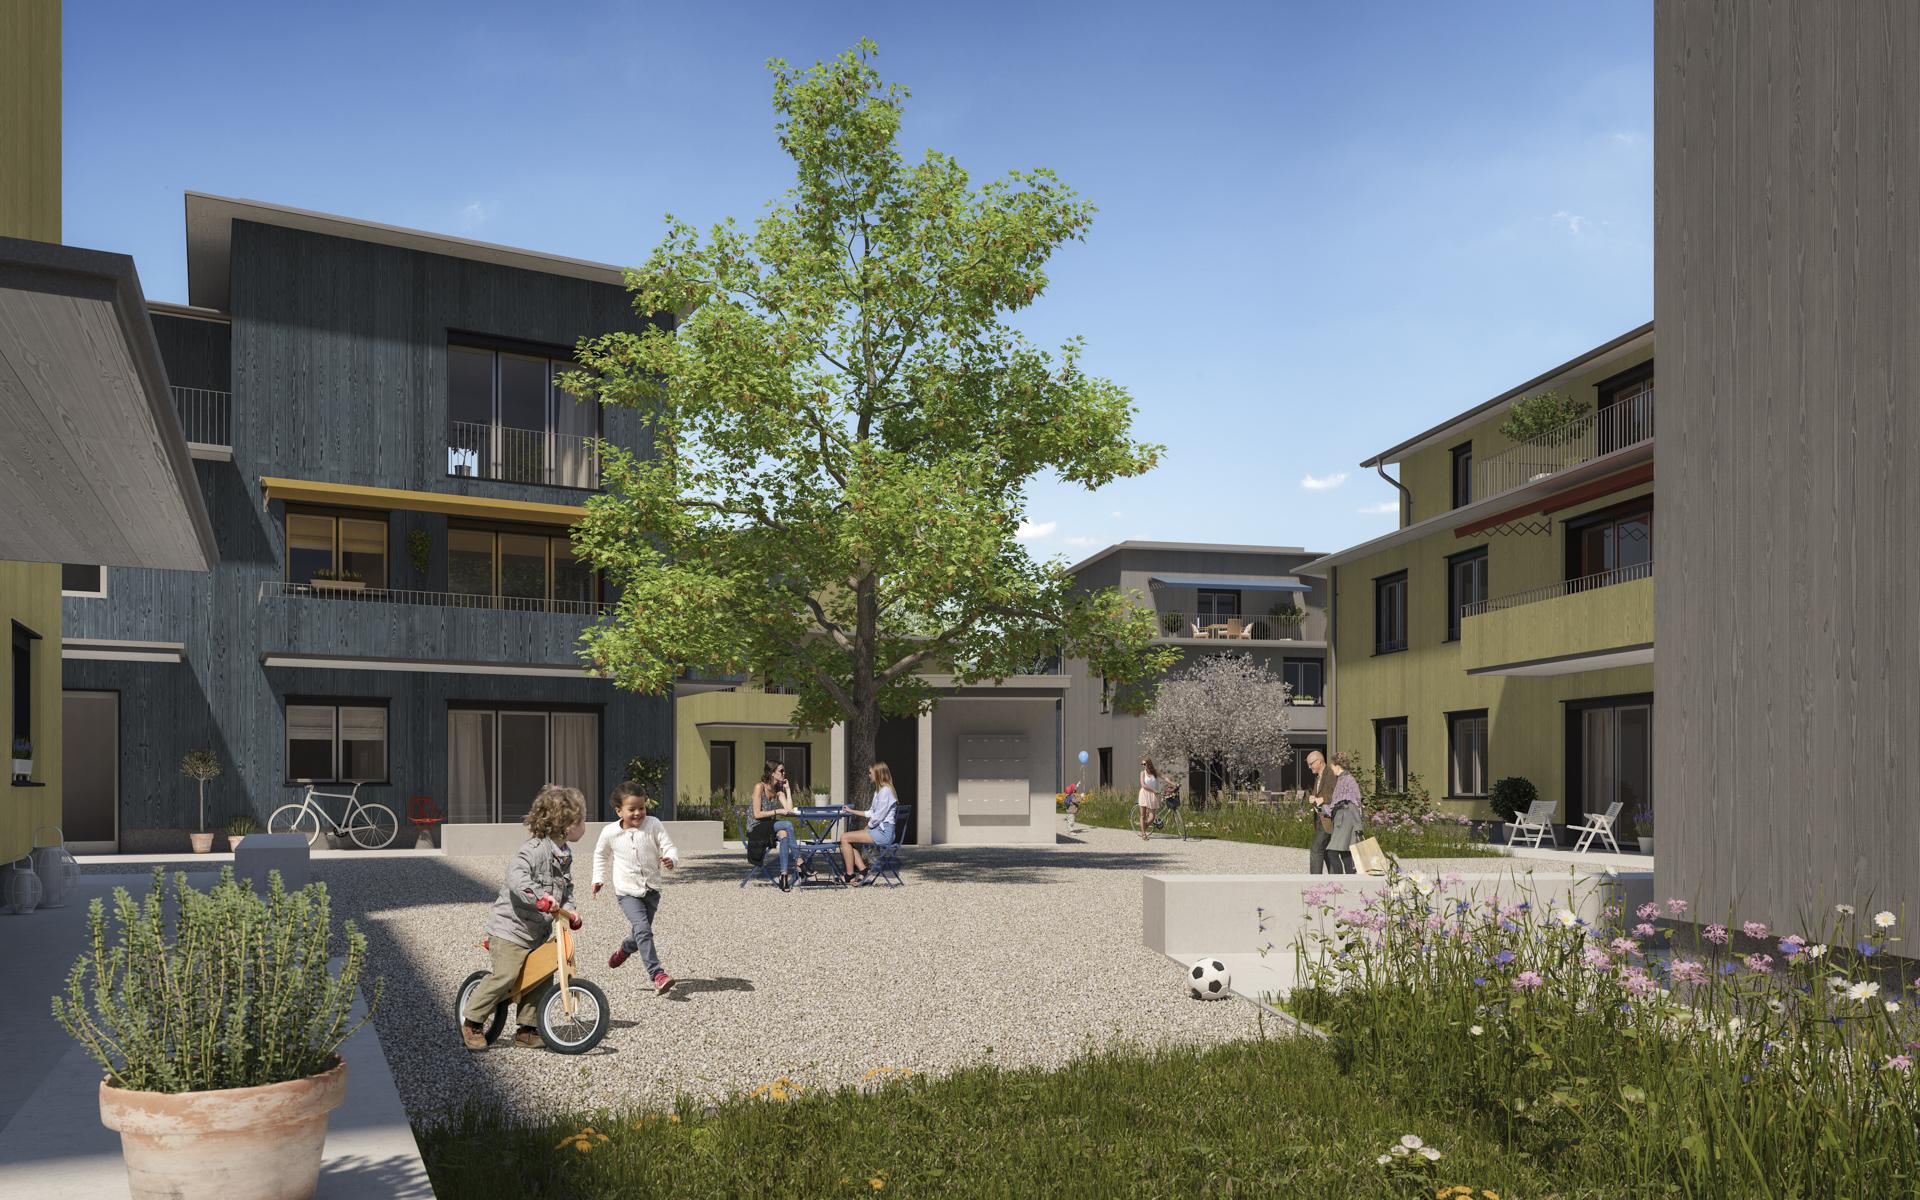 BÜCHI LEHNER ARCHITEKTINNEN // Siedlung Rägeboge